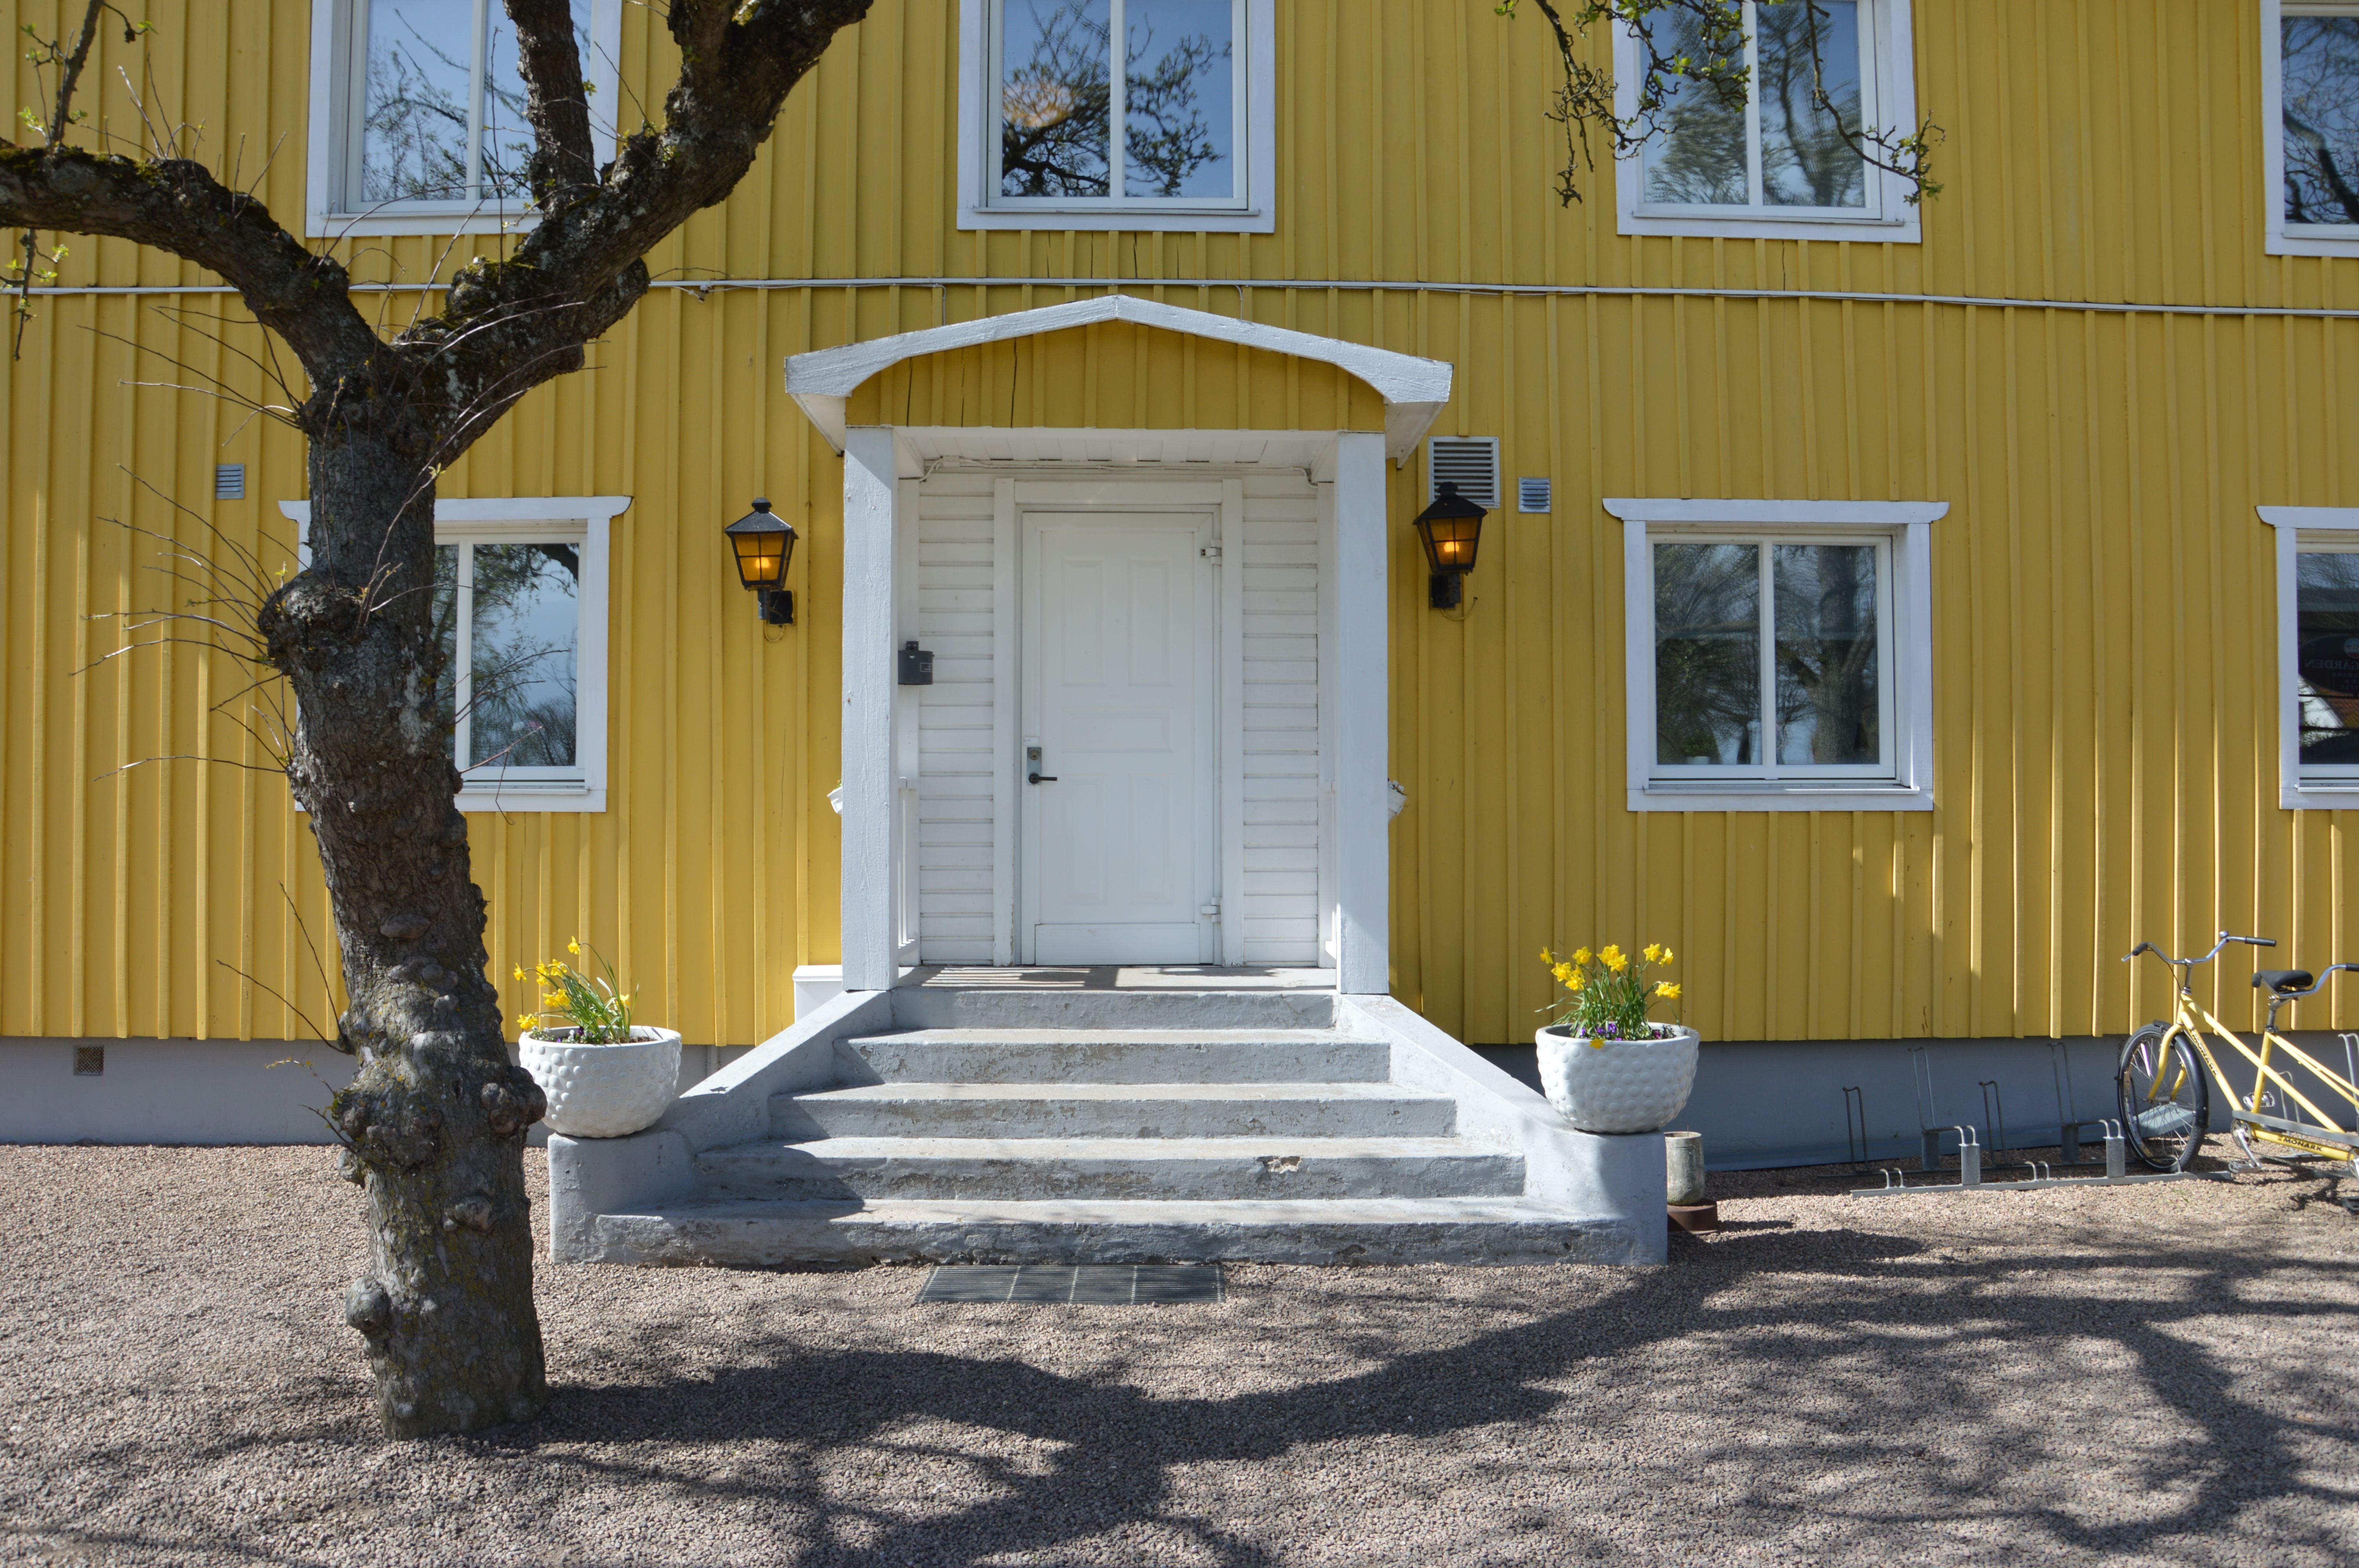 © Turistgården, Turistgården